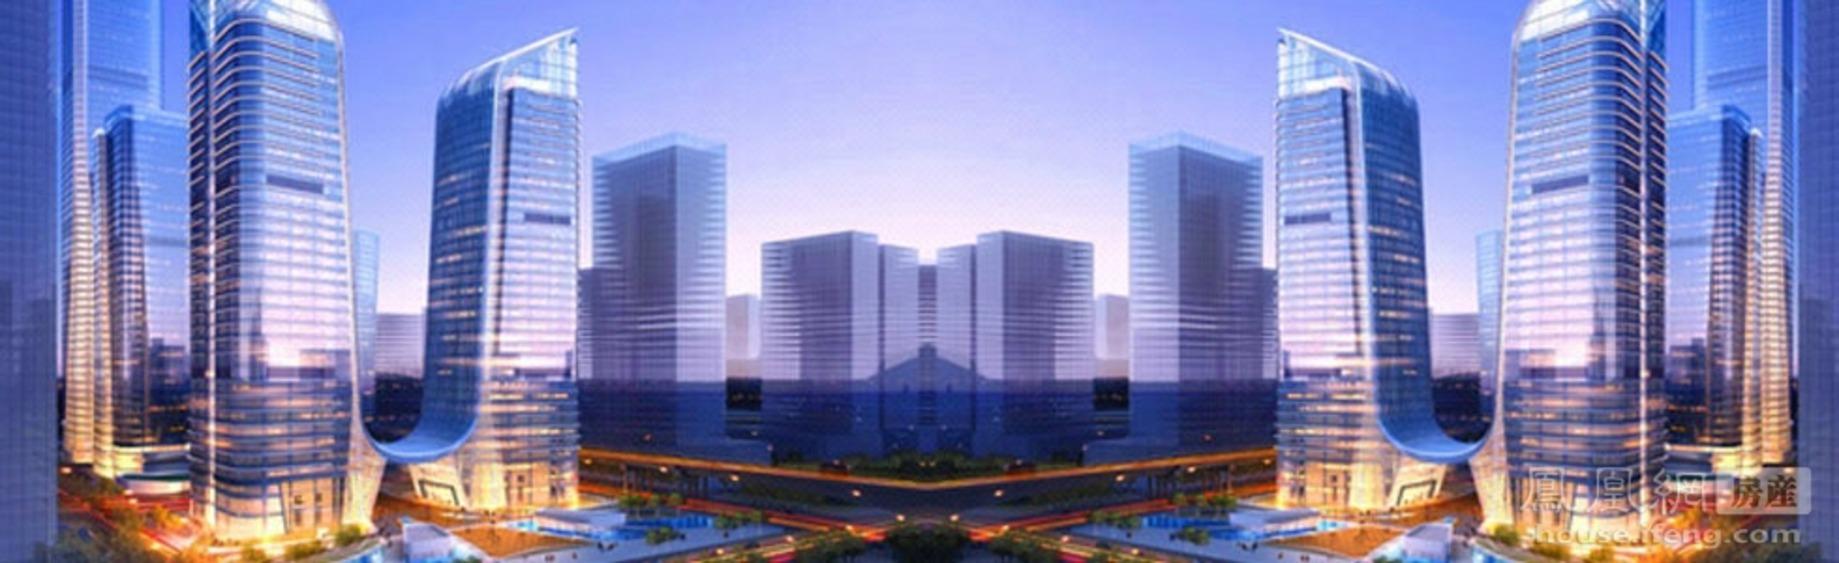 腾讯前海大厦设计图